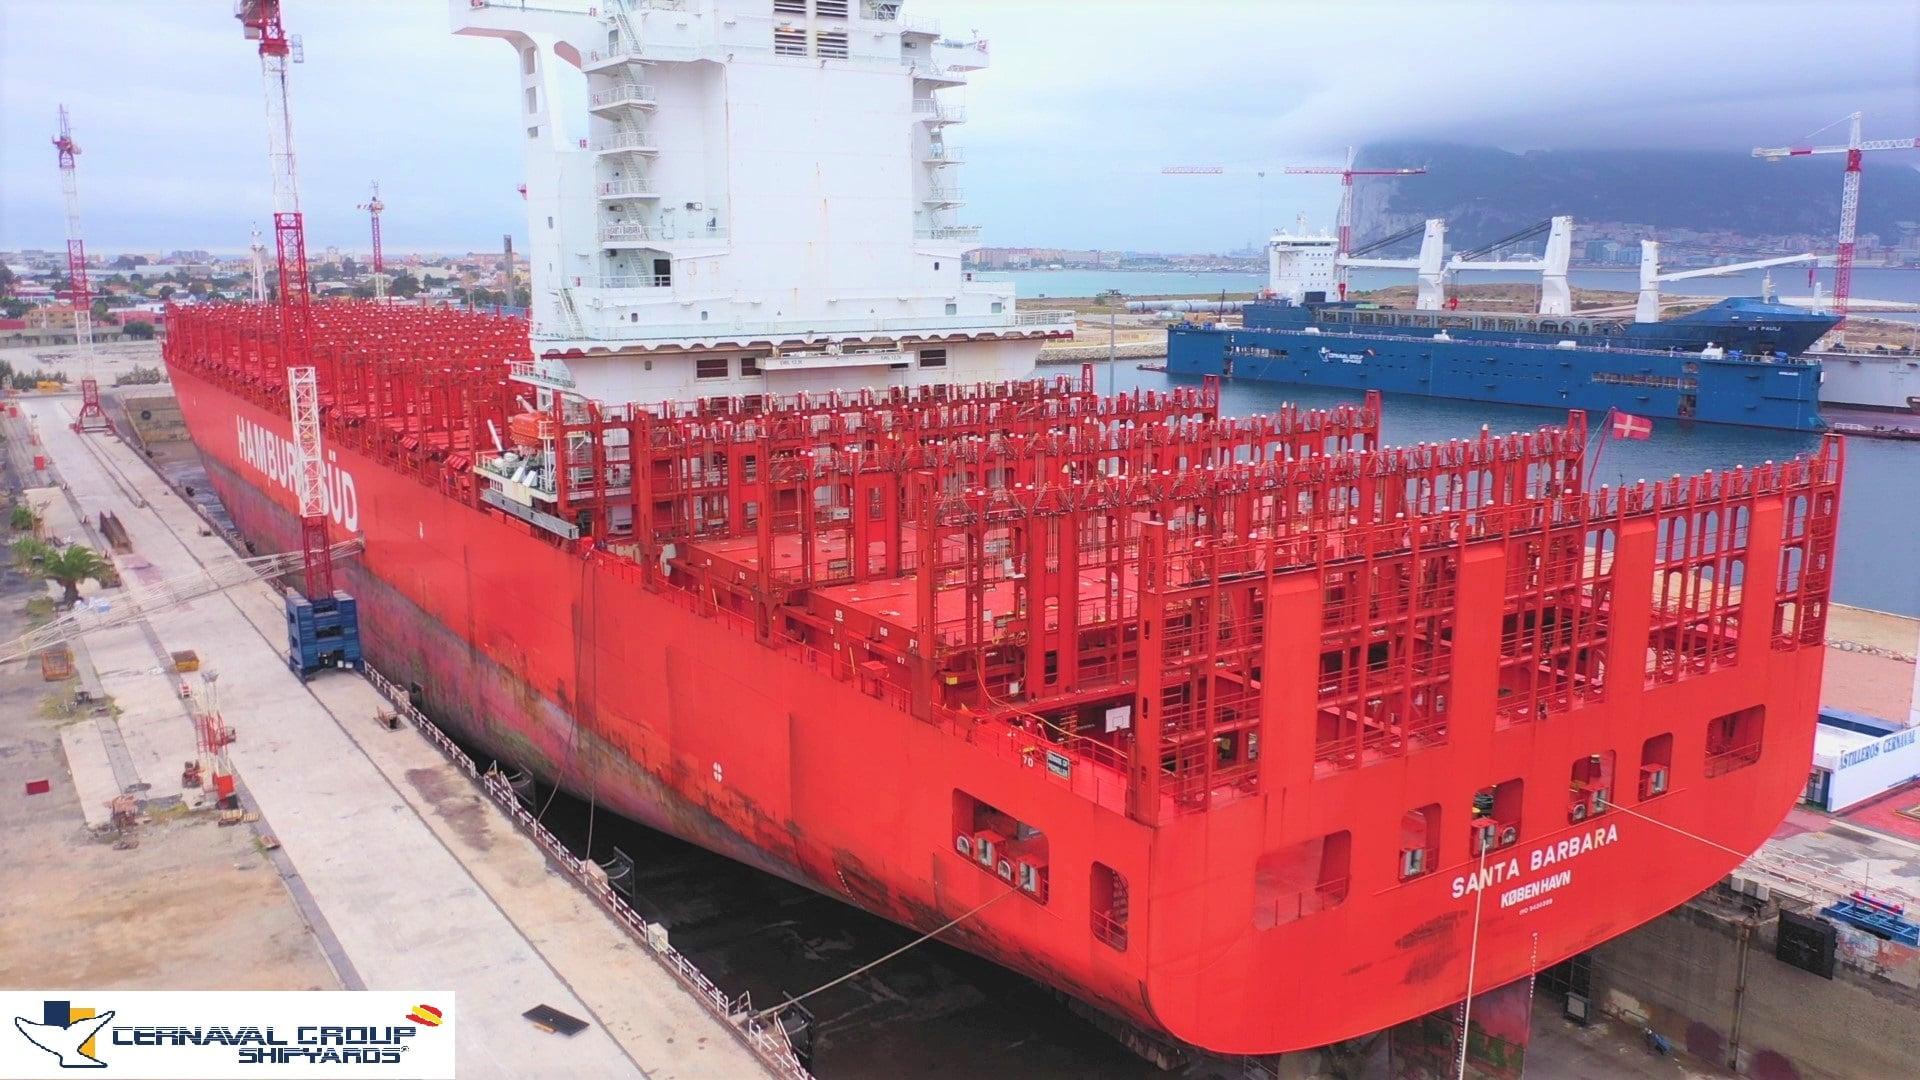 El Santa Bárbara, segundo buque más grande que hace escala en Cernaval